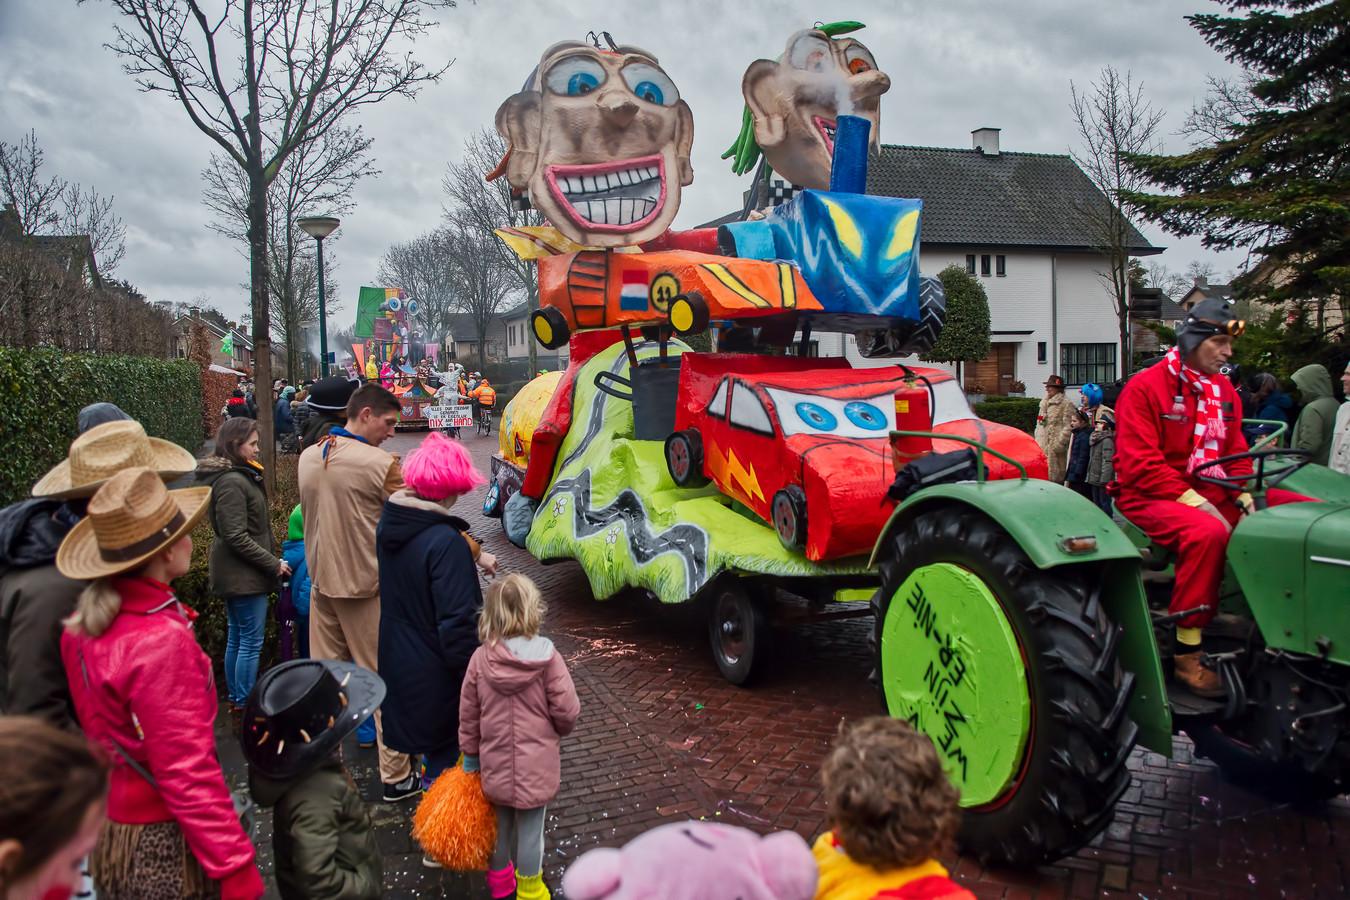 De wagen van CV Ze zijn er niet rijdt door de straten van Bosuilendorp. Dat was afgelopen carnaval. Voor dit seizoen zijn alle binnen- en buitenactiviteiten afgelast.